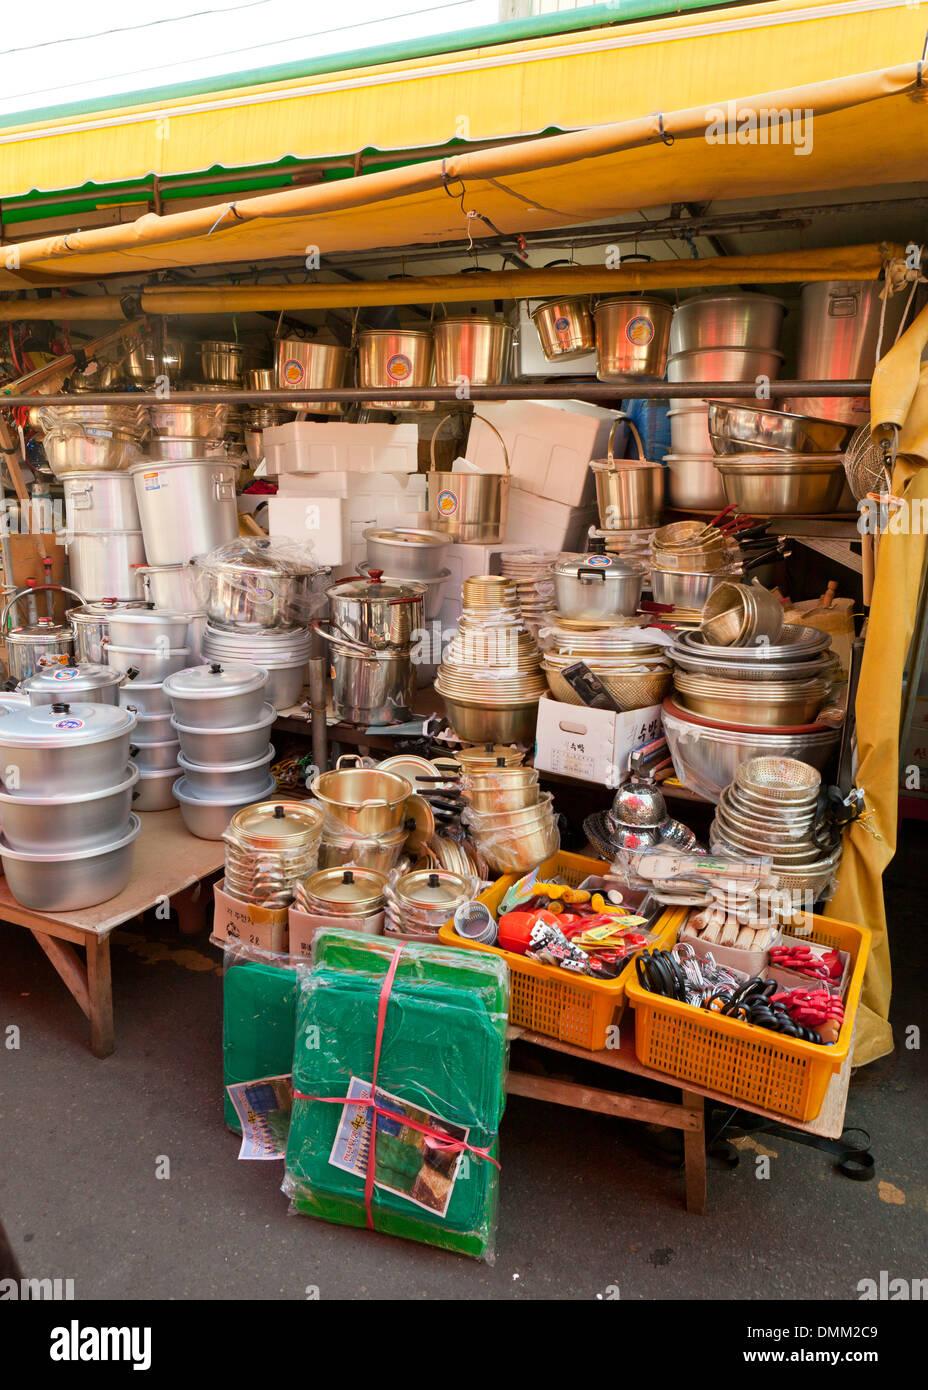 Magasin de cuisine à shijang Jagalchi marché plein air (traditionnel) - Busan, Corée du Sud Photo Stock